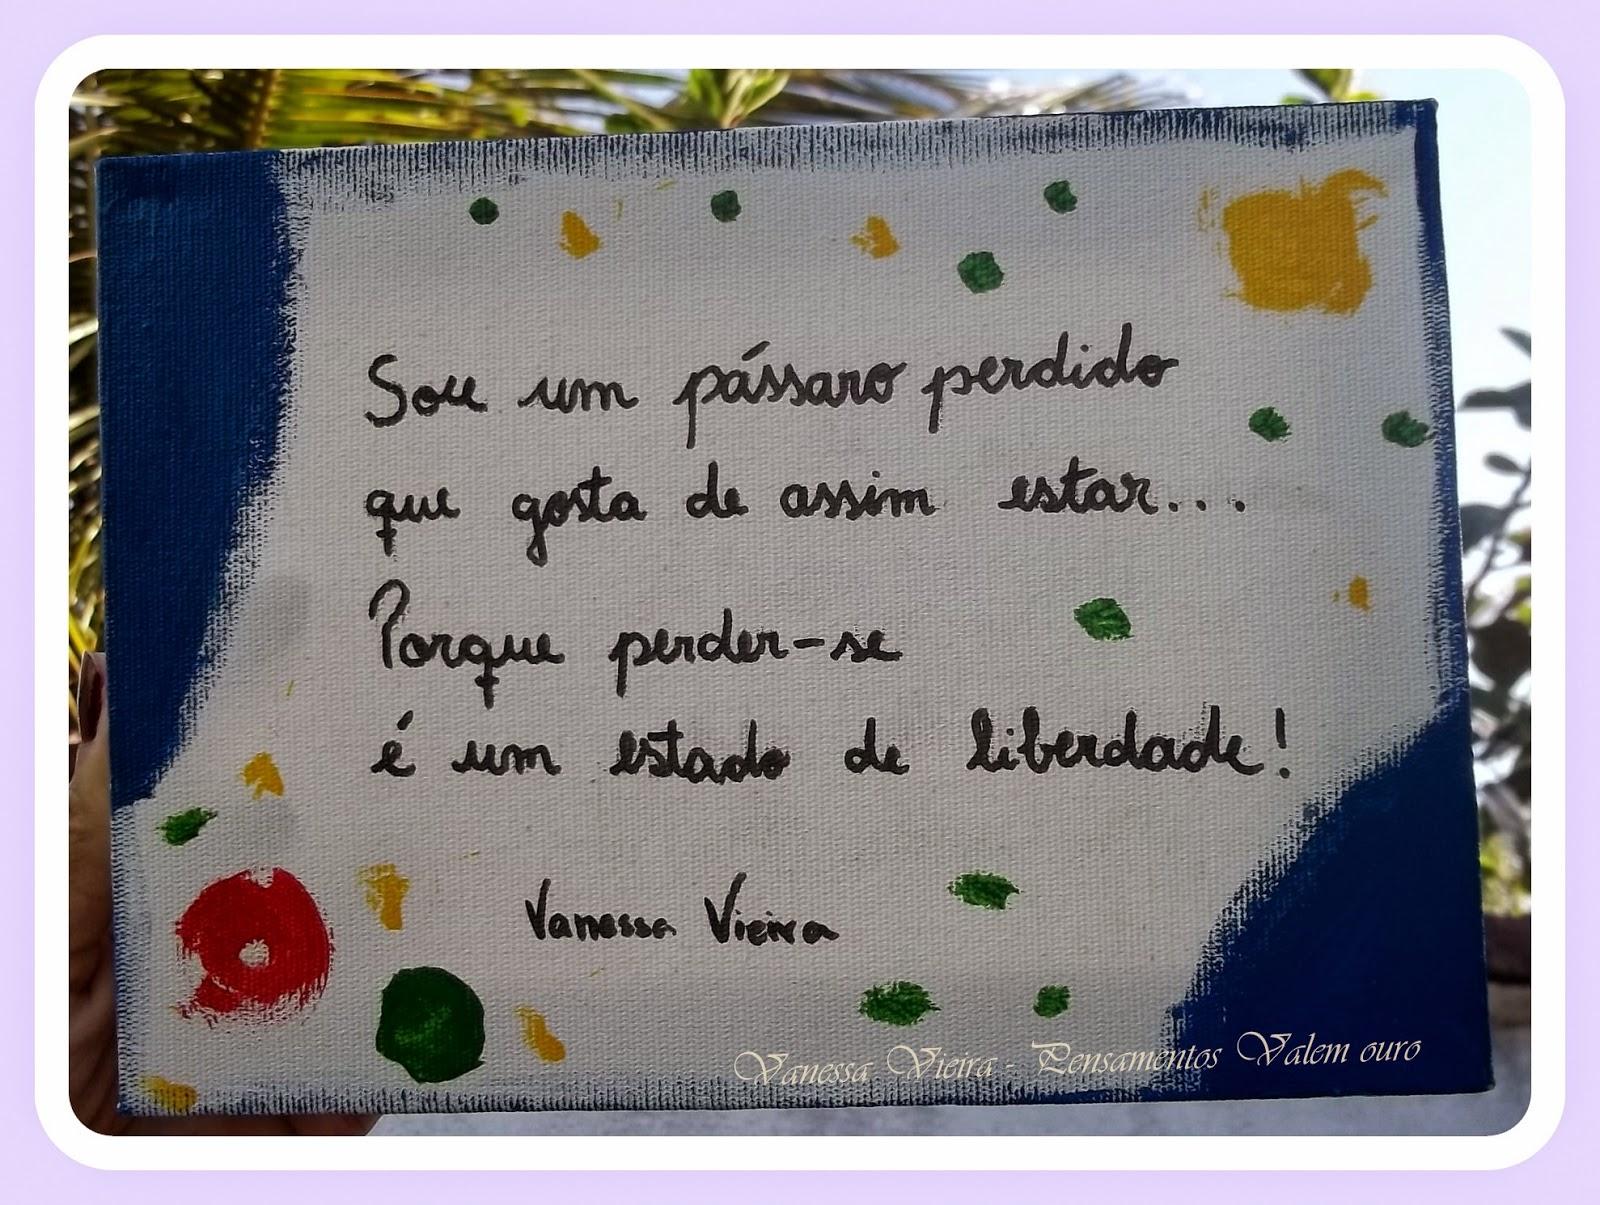 Quadro poema, pintura, Vanessa Vieira, pensamentos